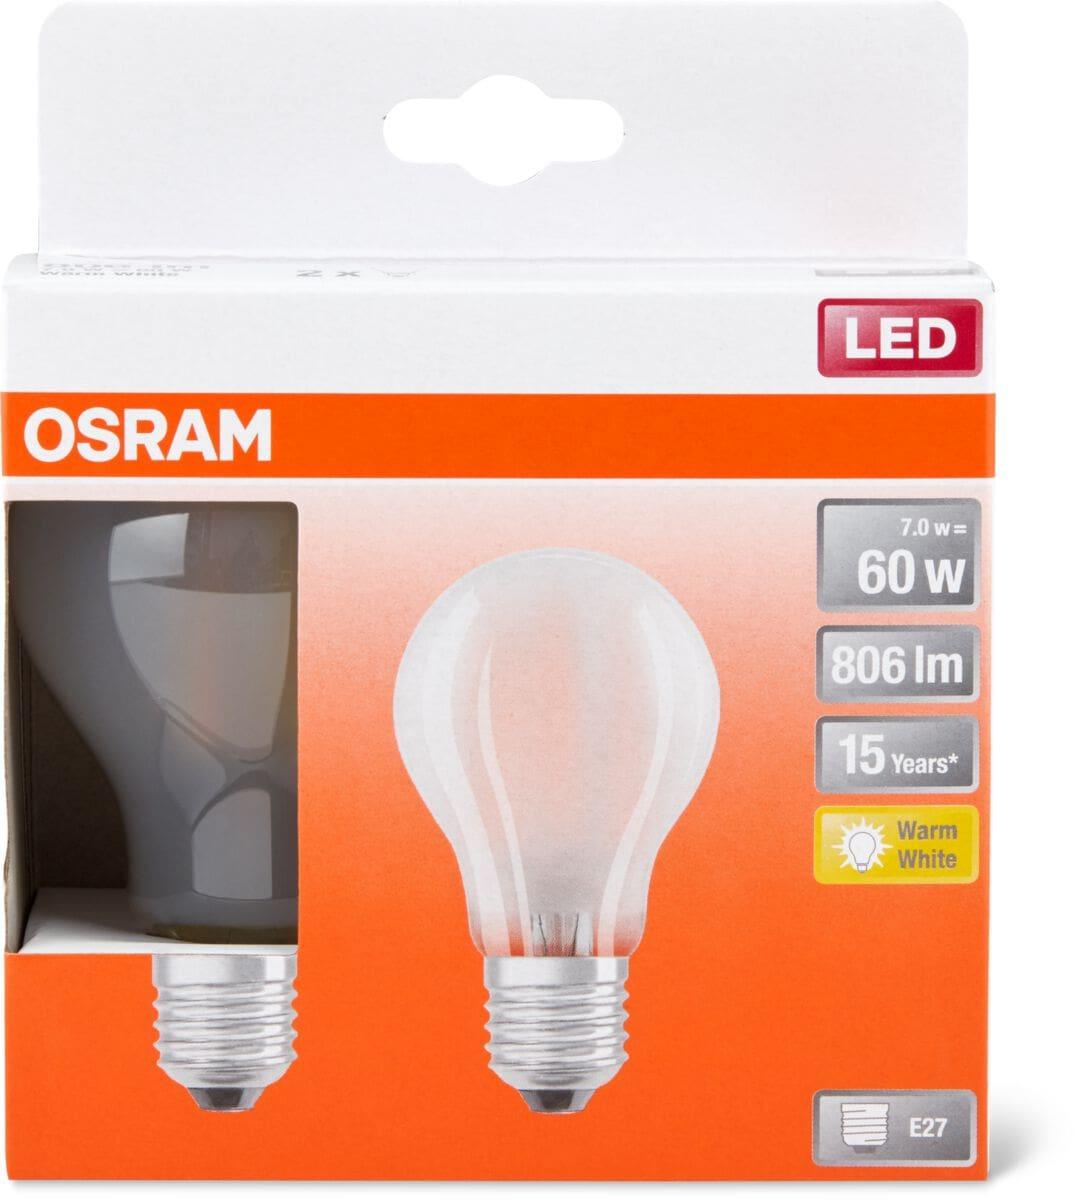 Osram LED BASE MATT CLAS A 60 E27